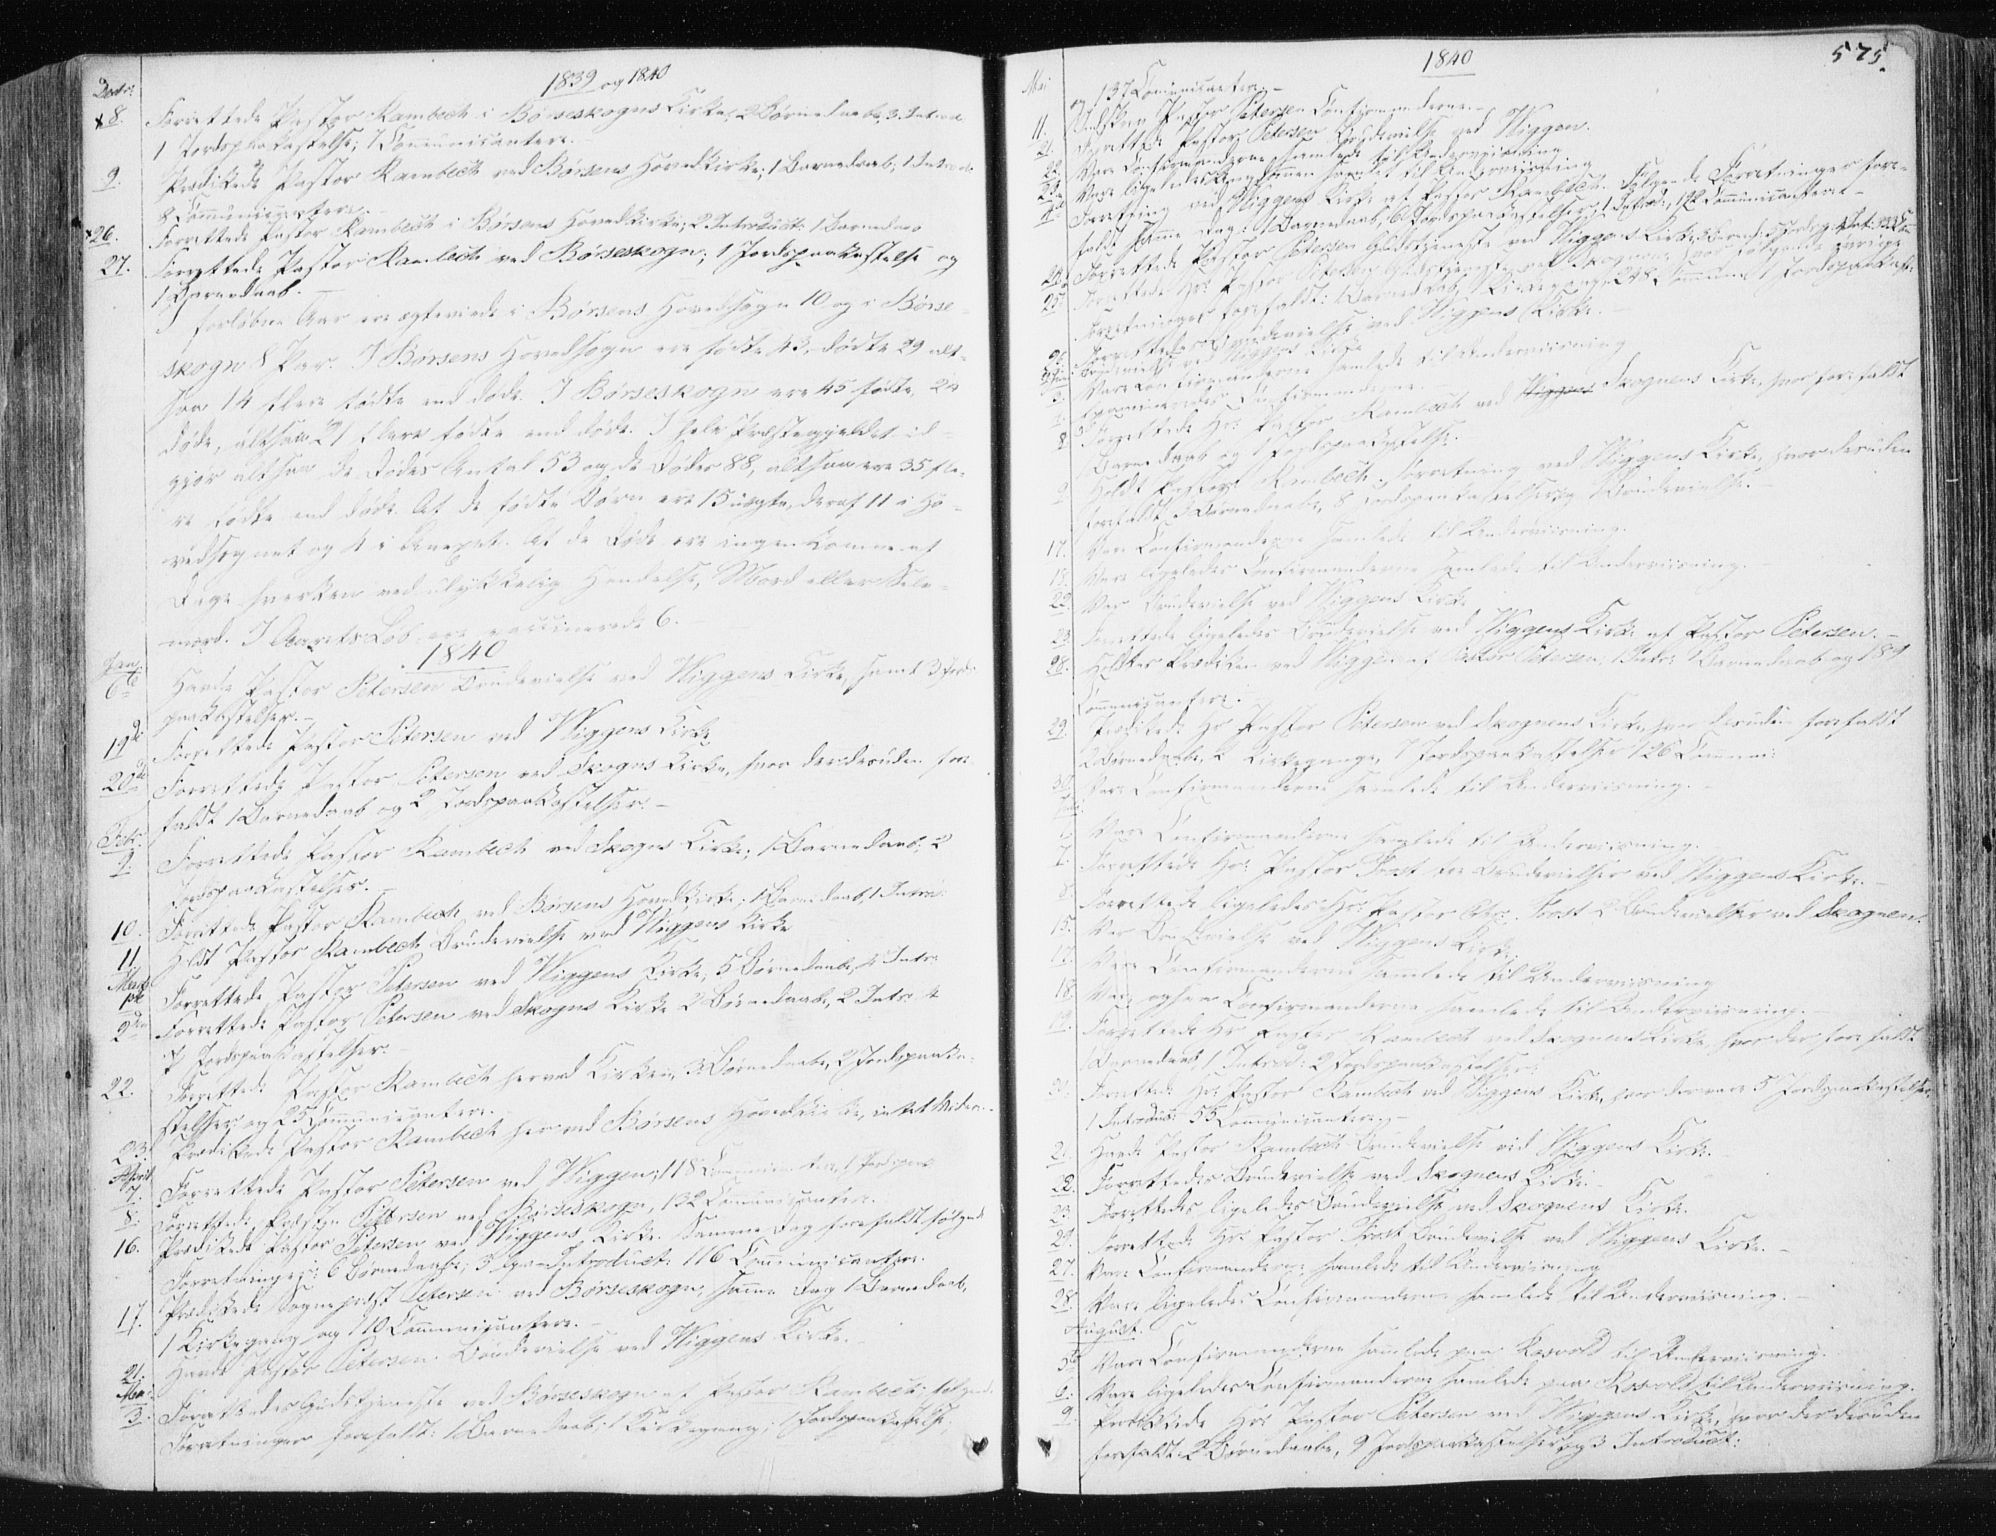 SAT, Ministerialprotokoller, klokkerbøker og fødselsregistre - Sør-Trøndelag, 665/L0771: Ministerialbok nr. 665A06, 1830-1856, s. 575